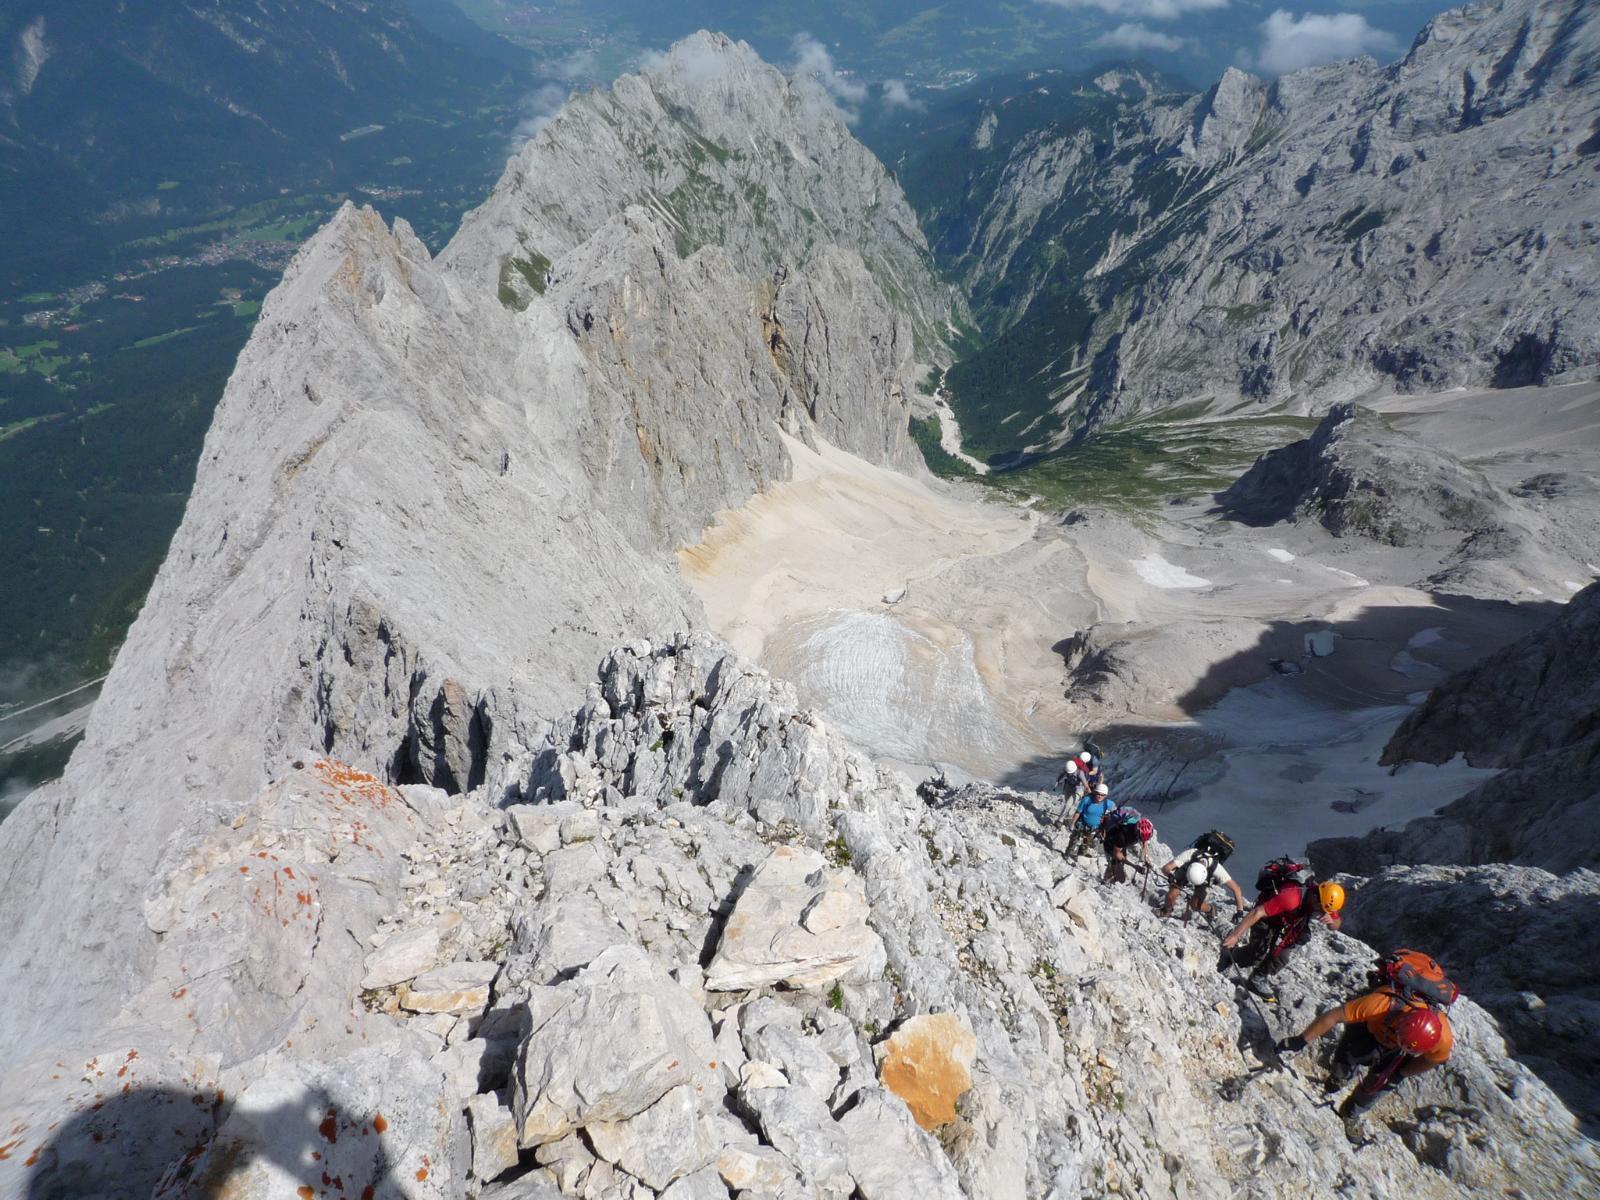 Klettersteig Garmisch : Höllental klettersteig zugspitze bergsteigen